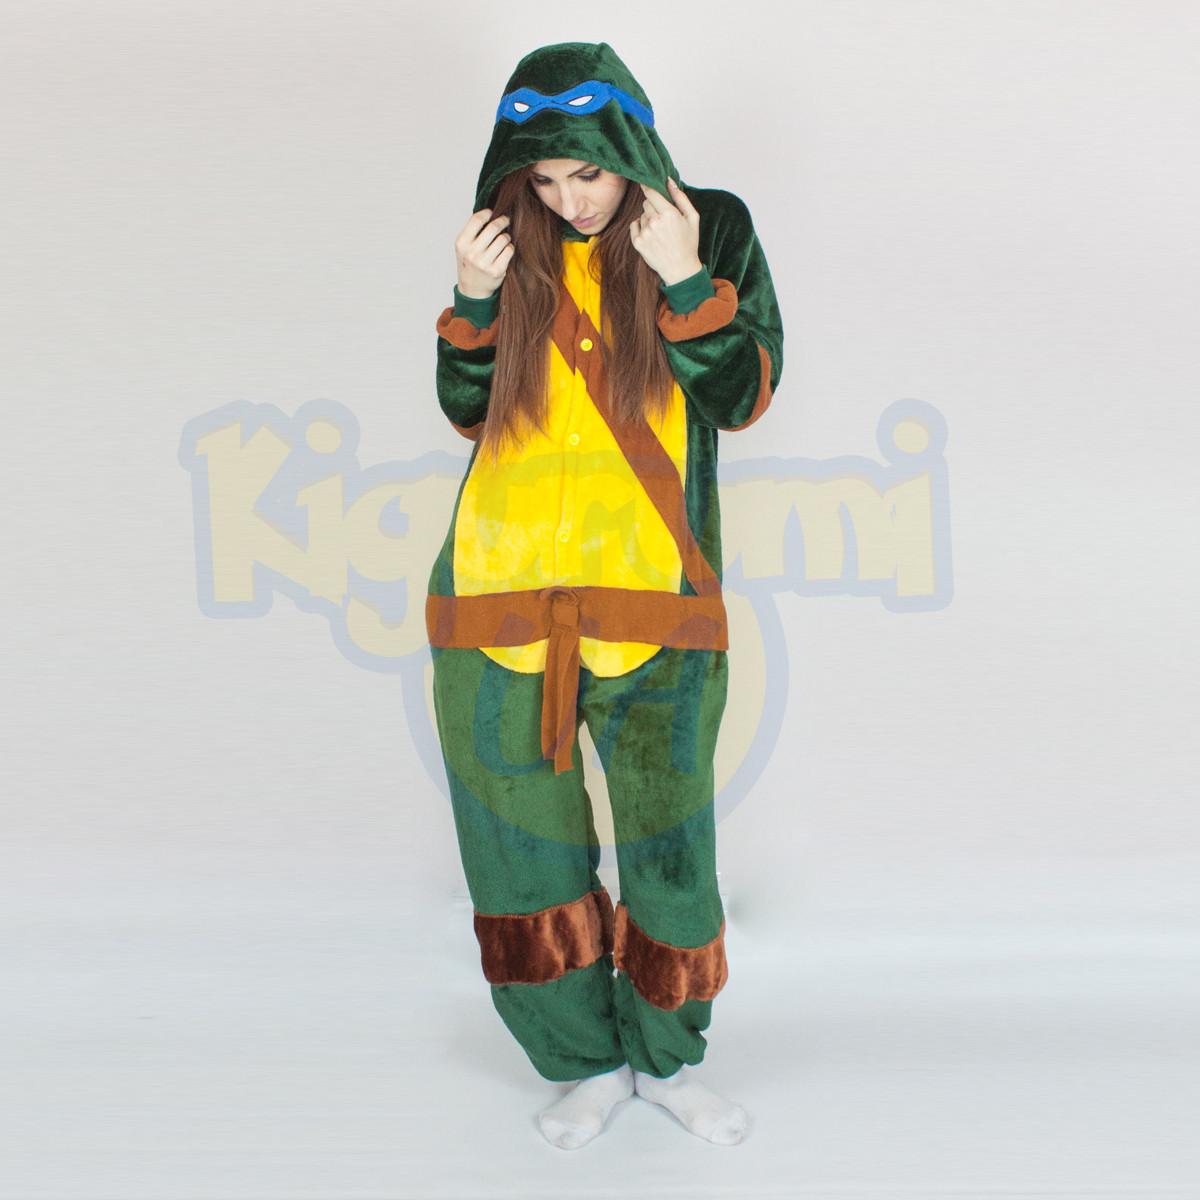 Кигуруми смешные костюмы в Украине. Сравнить цены ffcb2f2c59d69